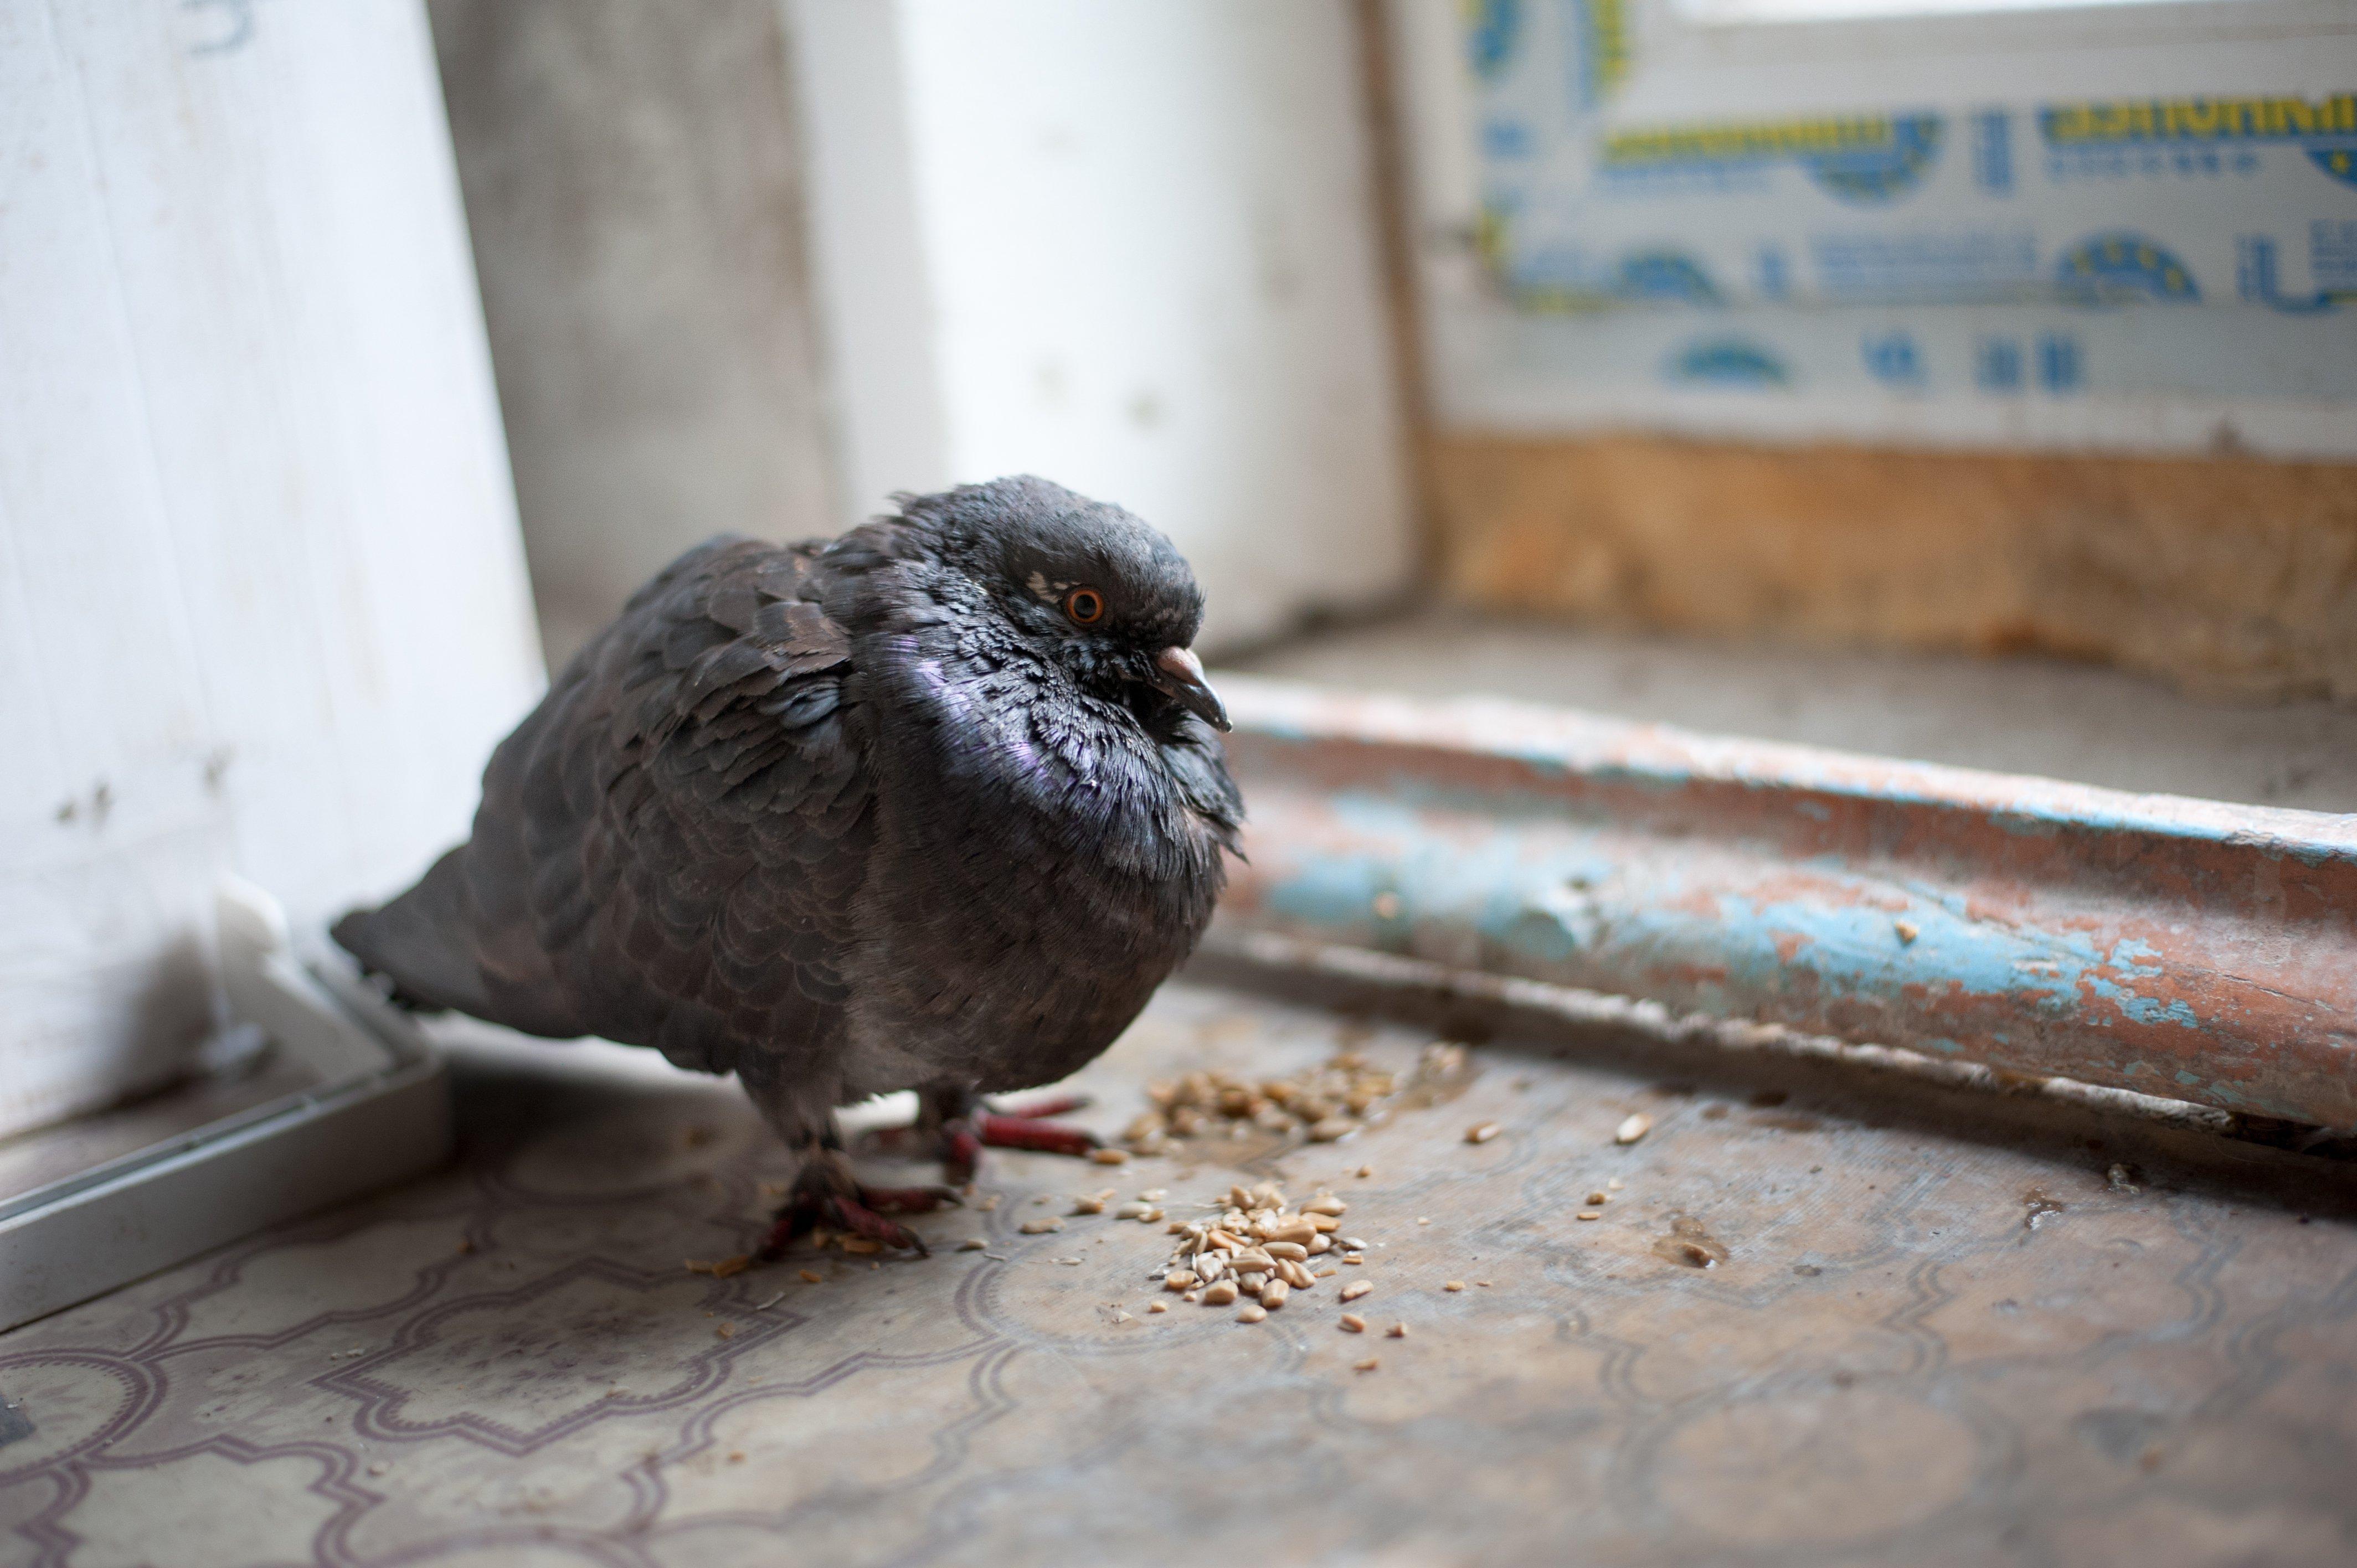 Какой болезнью может заразить человека городской голубь?